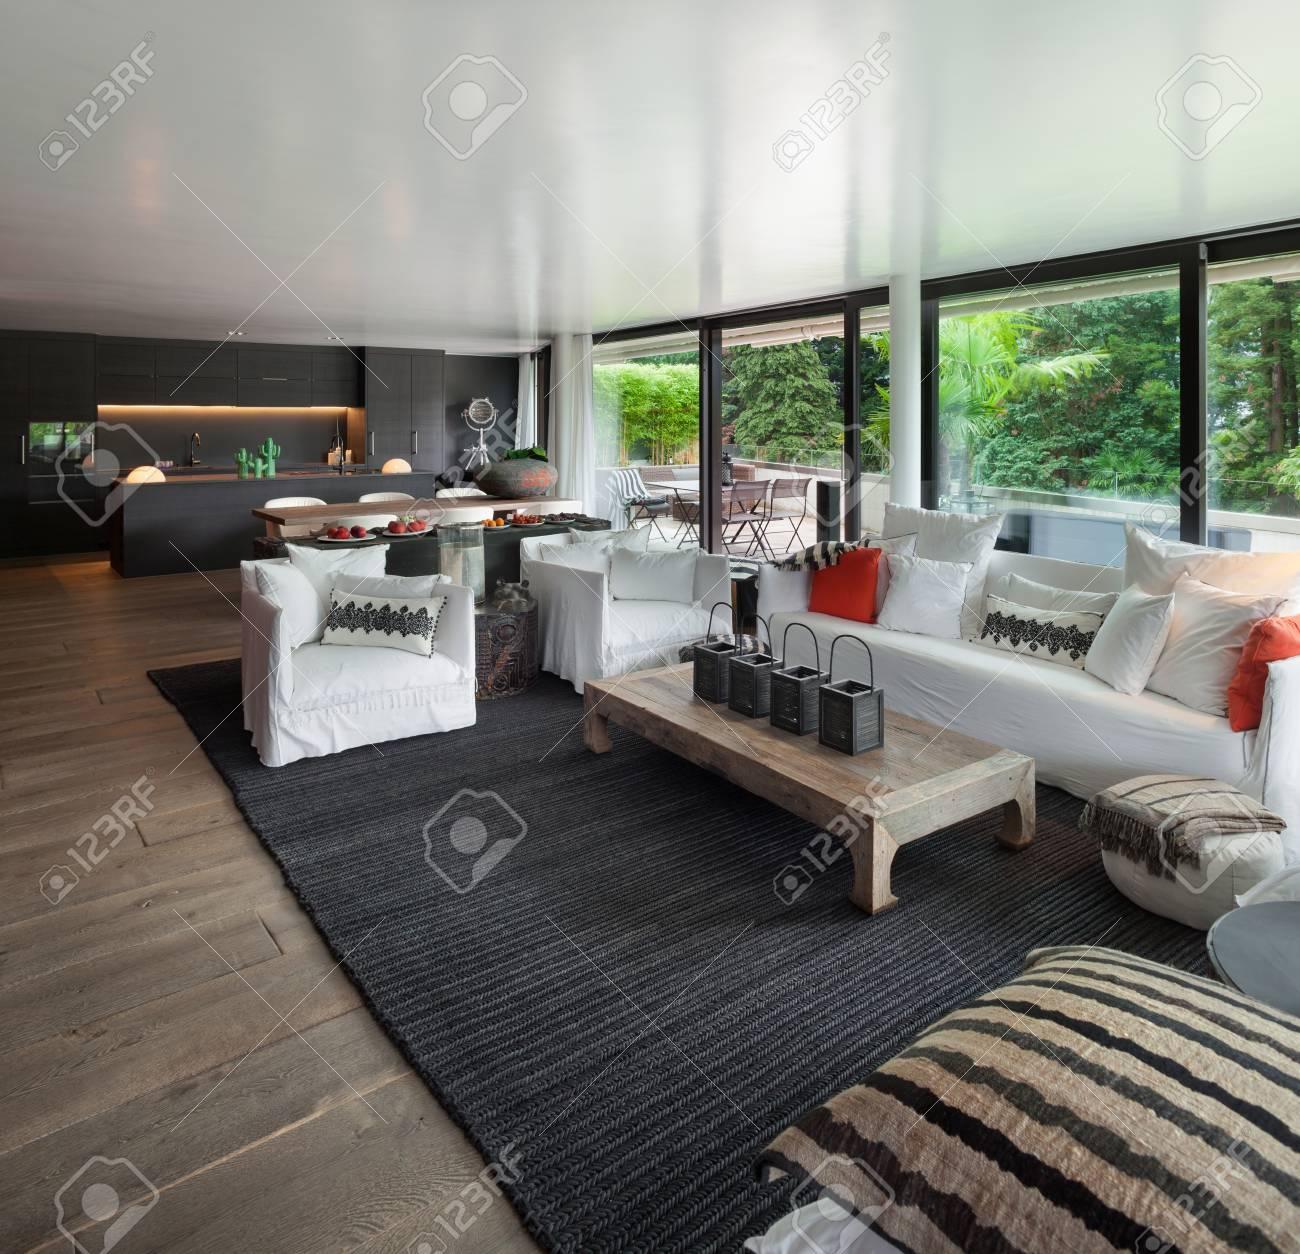 Moderne Wohnzimmer Mit Weißen Sofas Und Großen Fenstern Standard Bild    61344904